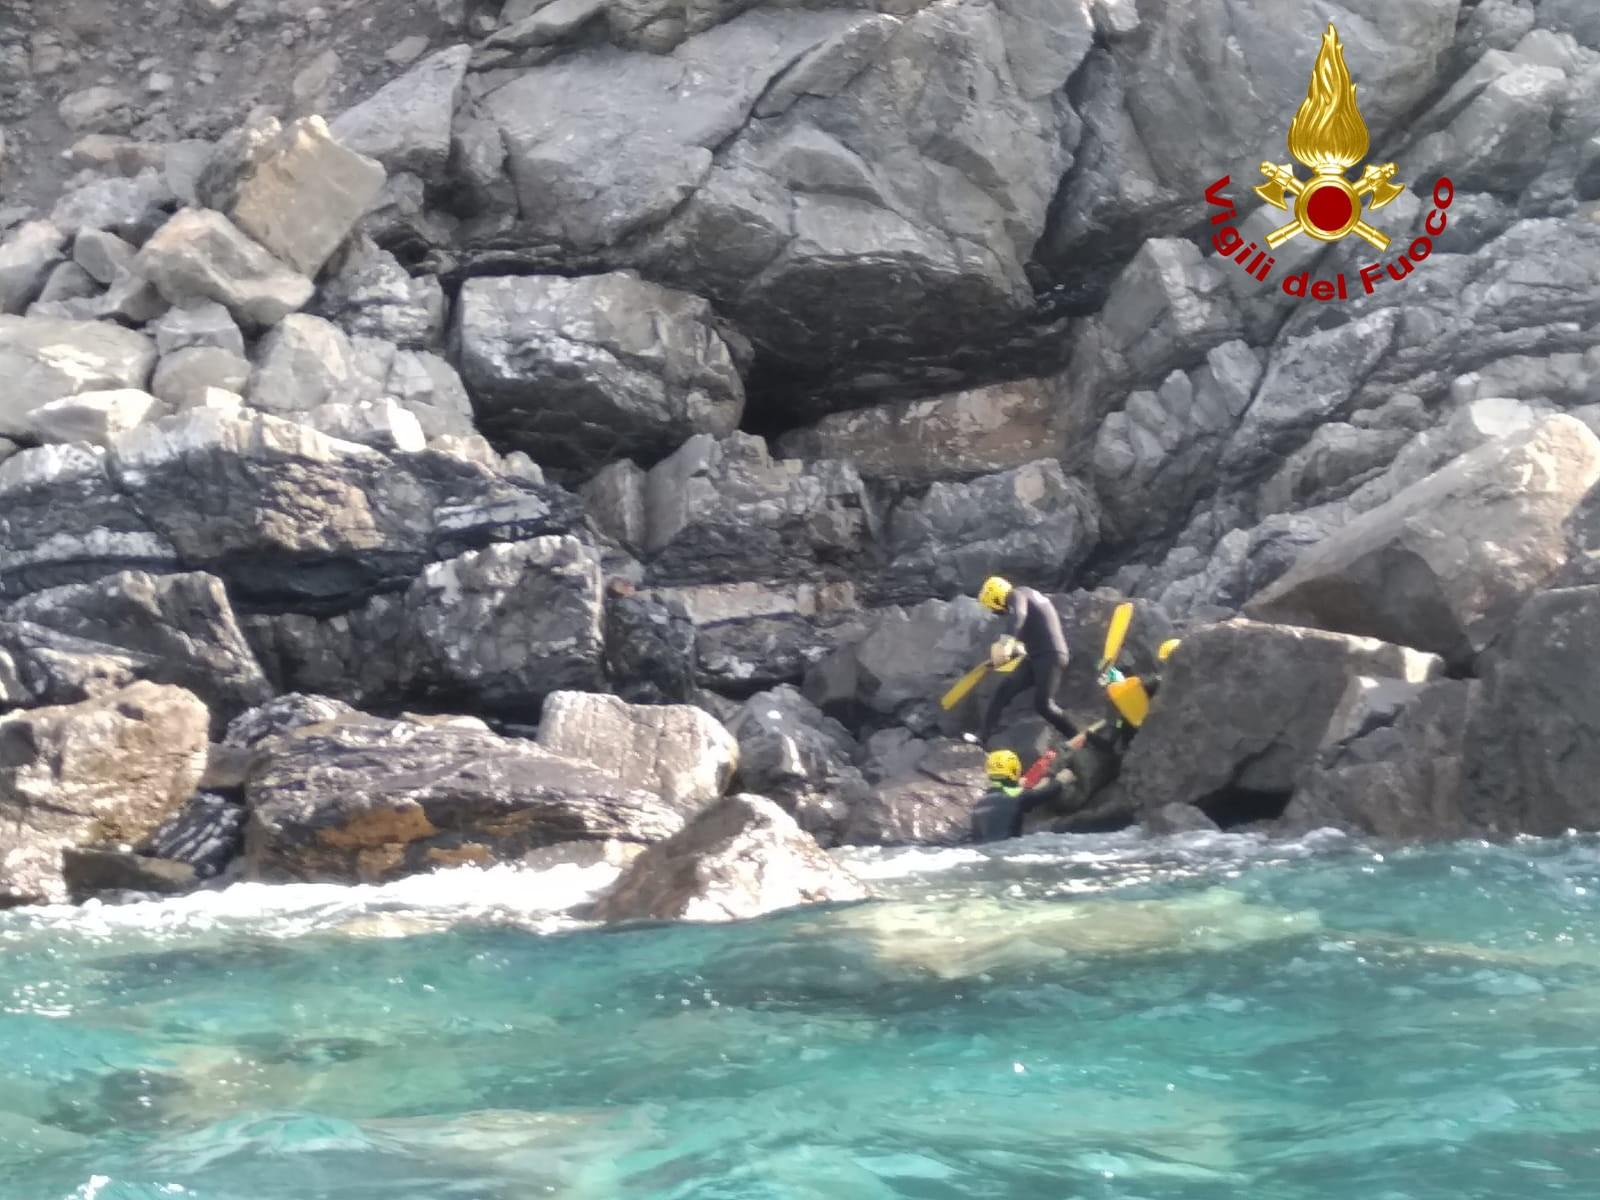 Noleggia un gommone e scompare, turista ritrovato morto stamattina